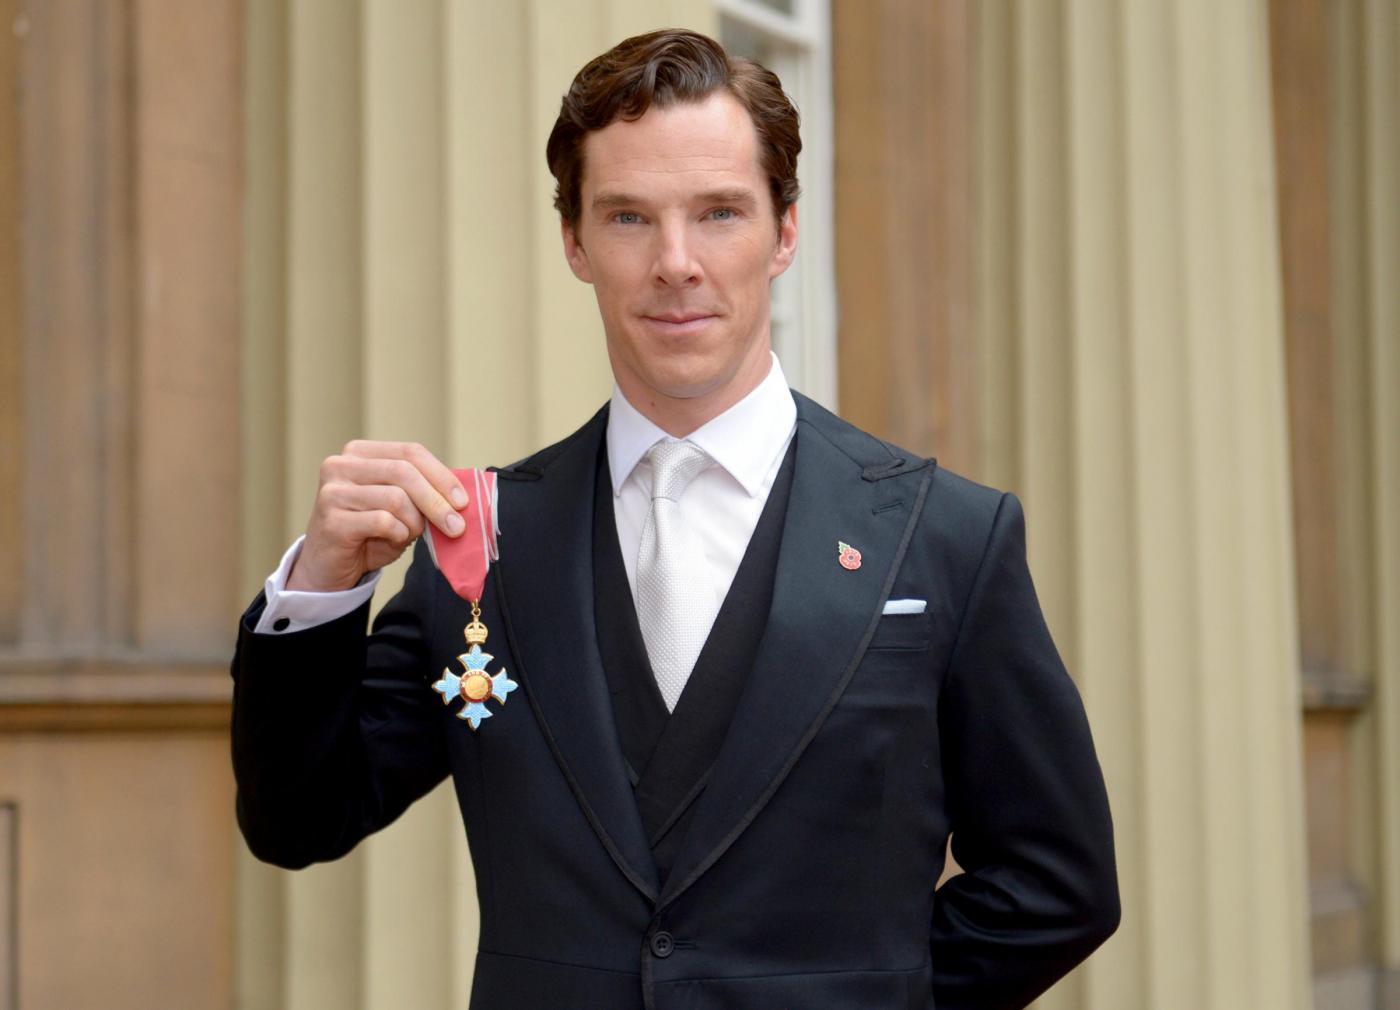 Benedict Cumberbatch alla cerimonia d'investitura di Ufficiale dell'Ordine dell'Impero Britannico